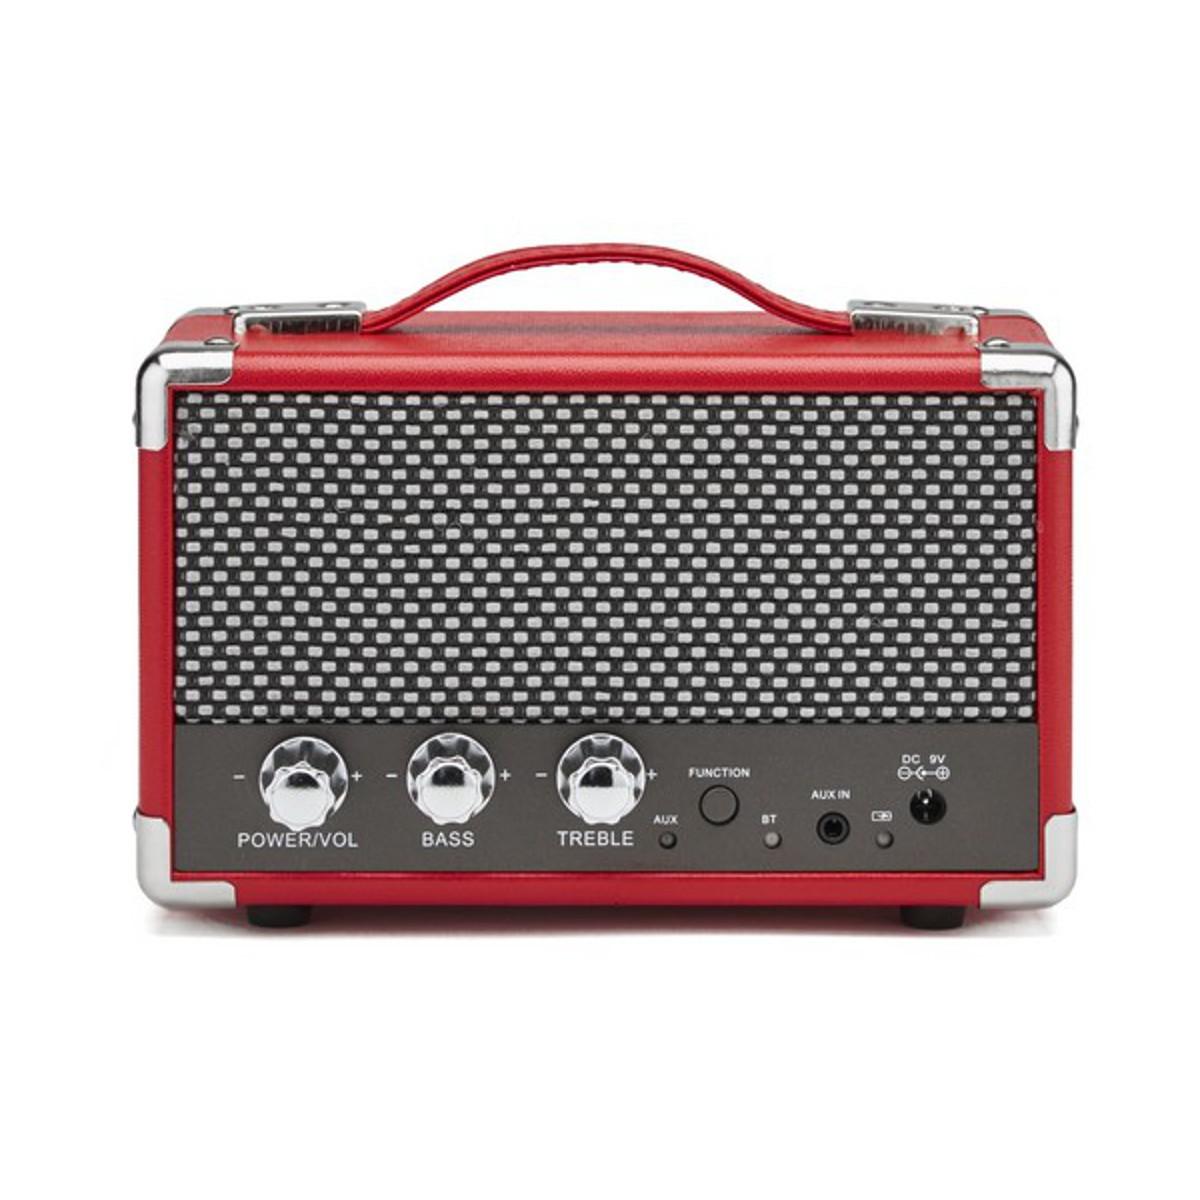 Kompaktowy głośnik Bluetooth GPO